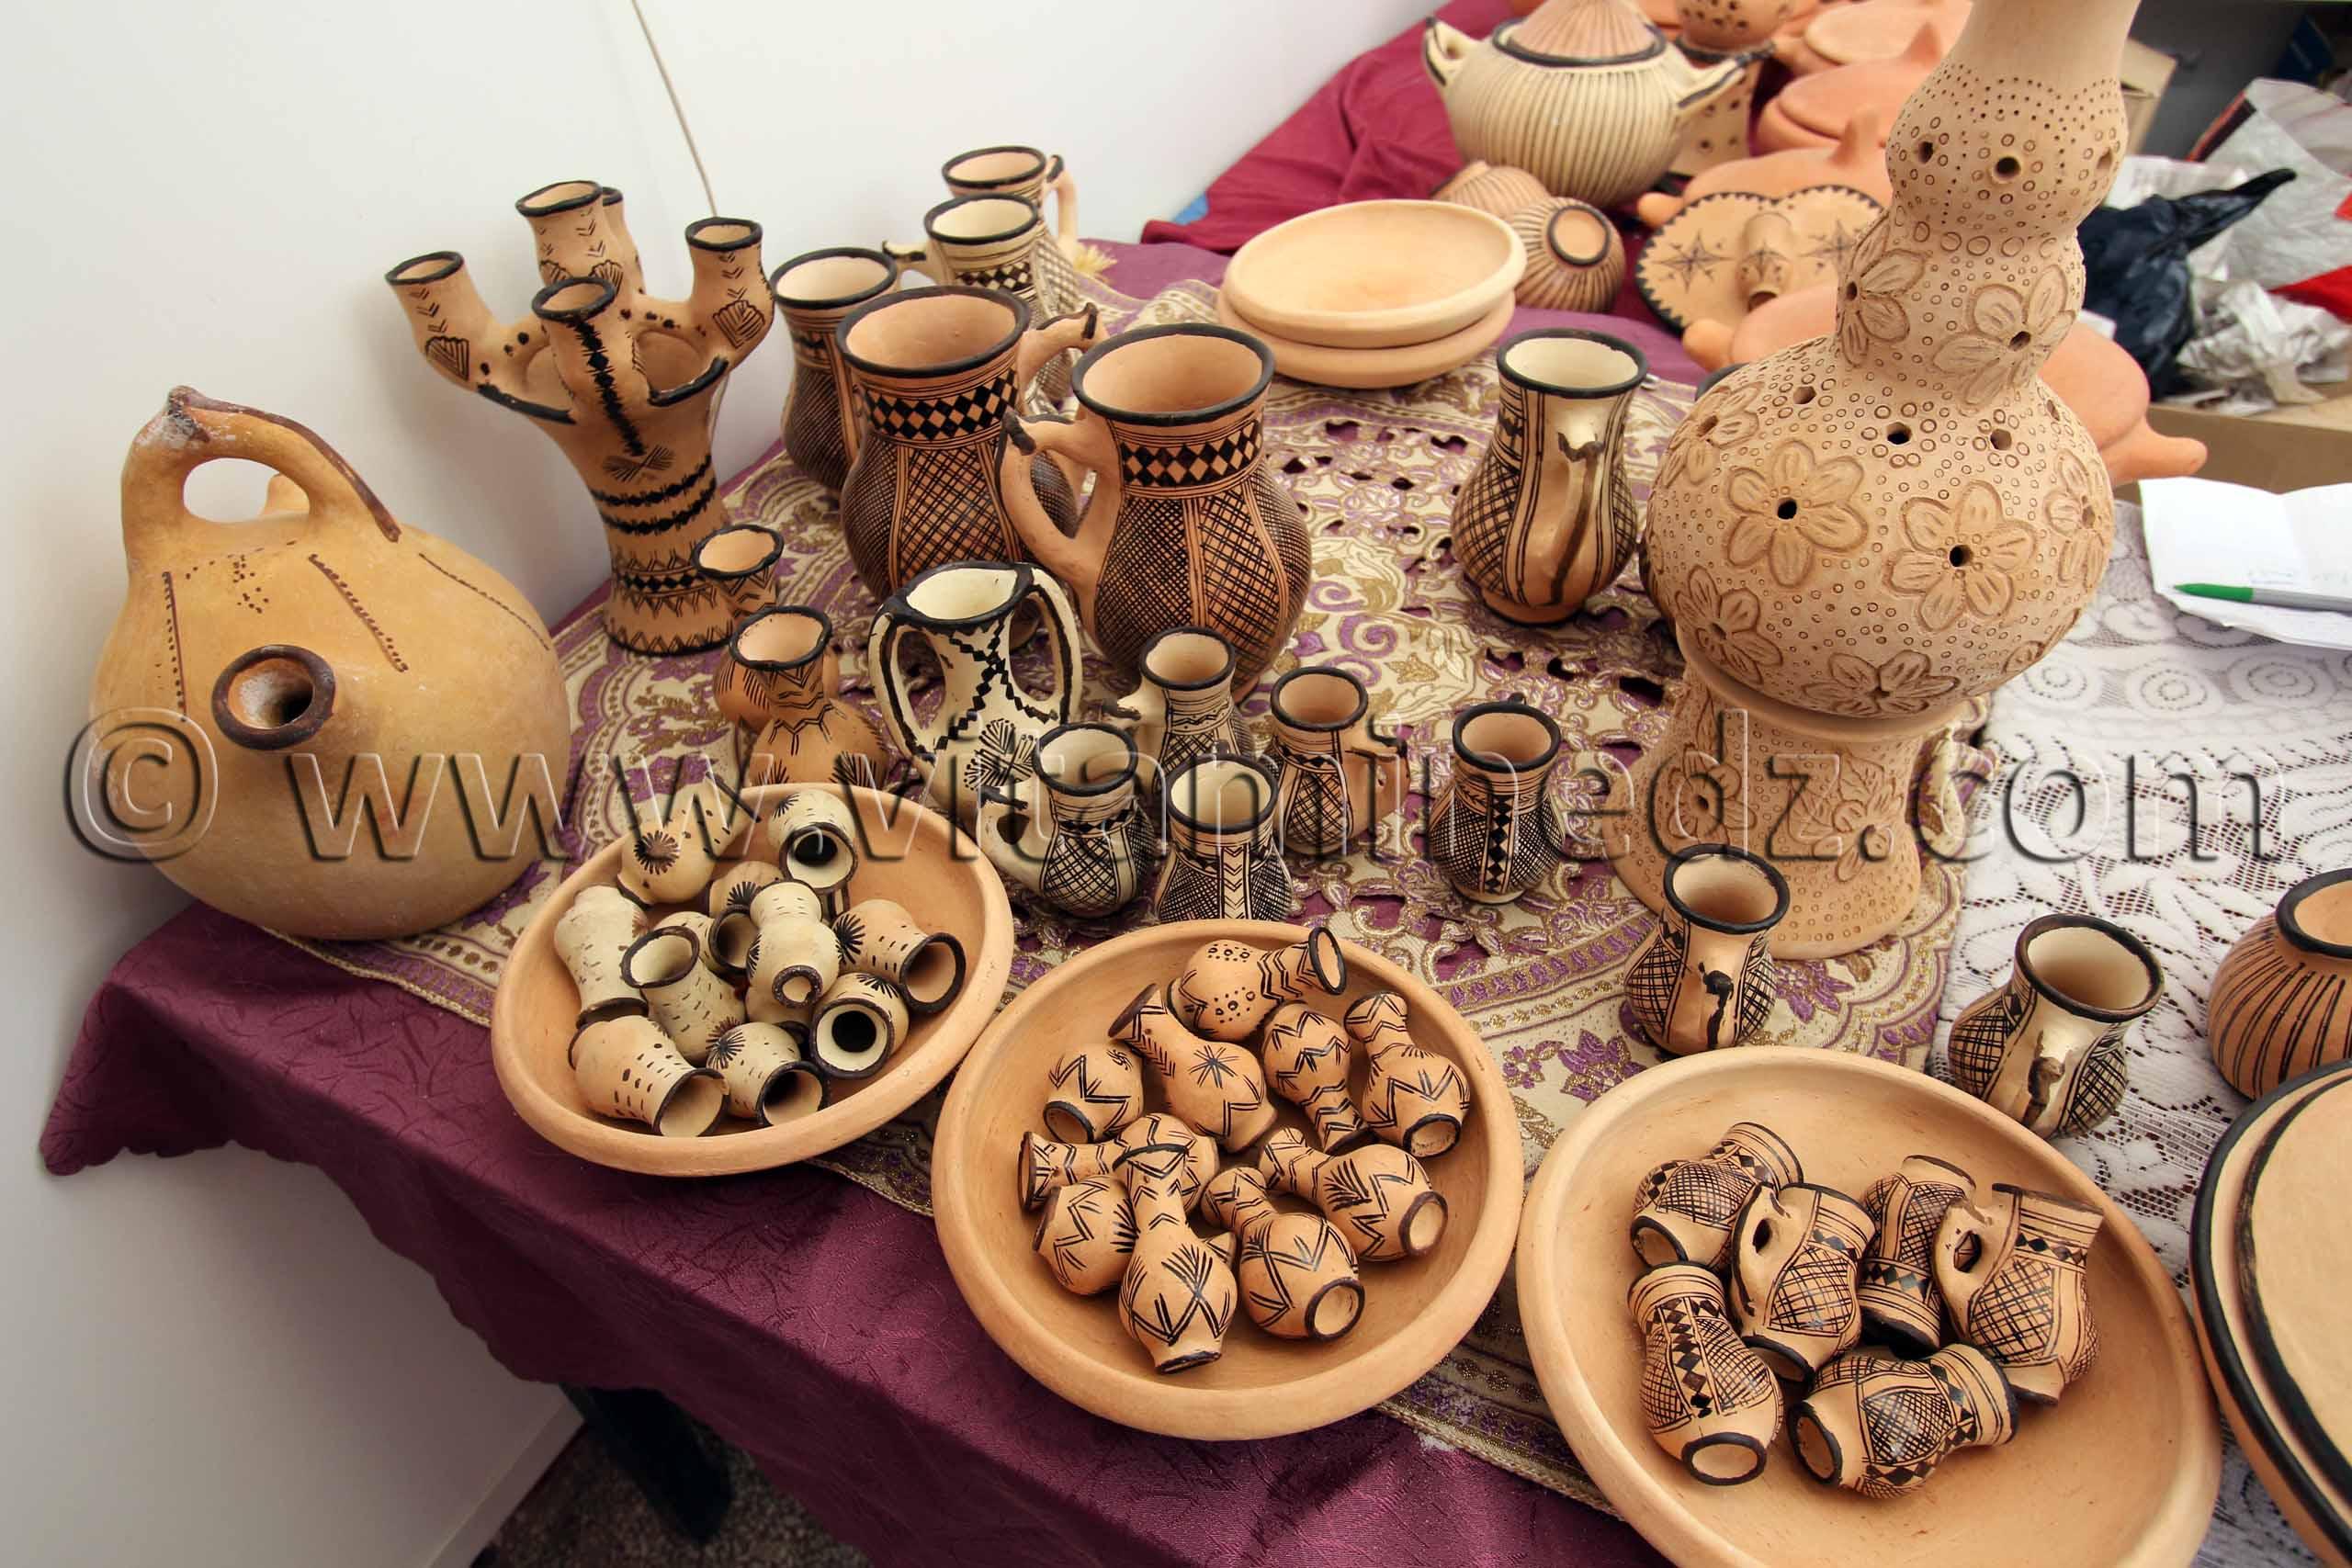 Poterie de Bider, Foire nationale de la femme artisane à Tlemcen